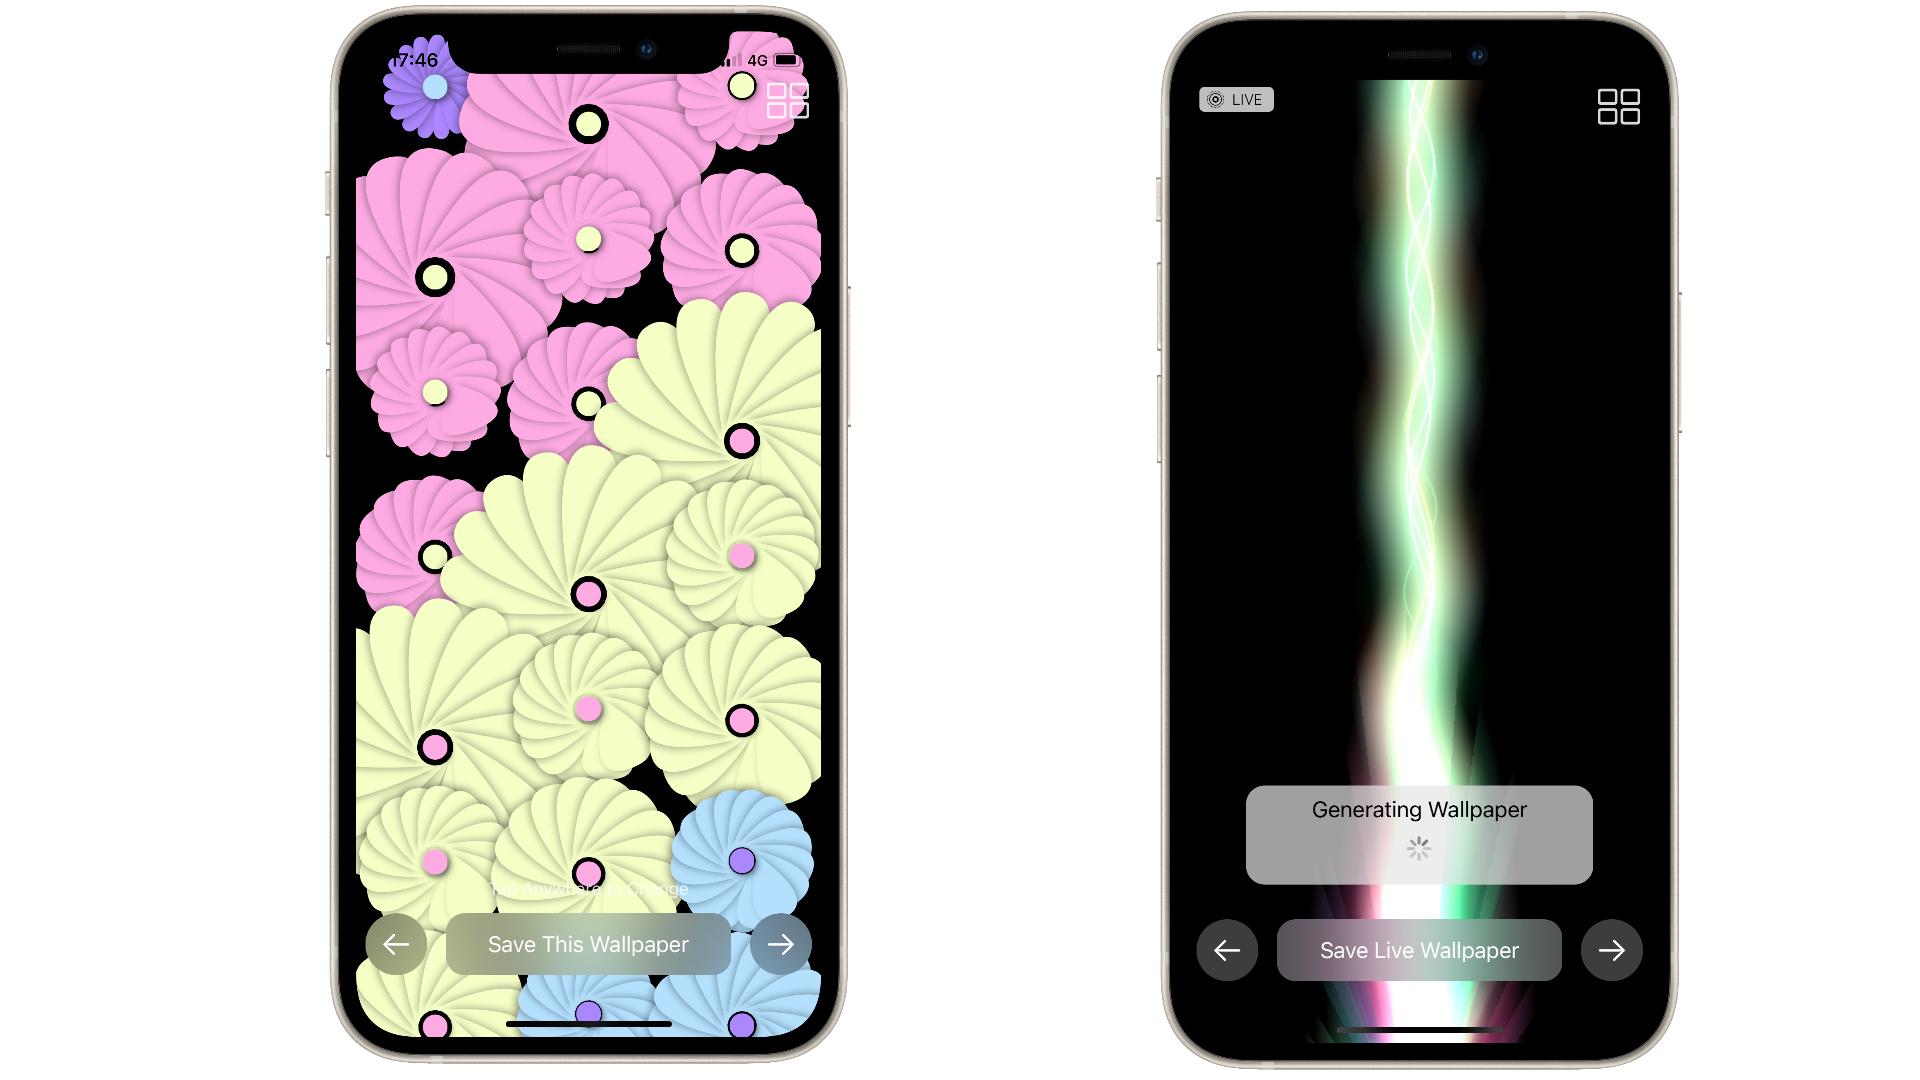 Aplicación Wallpaper 2 en iOS 15